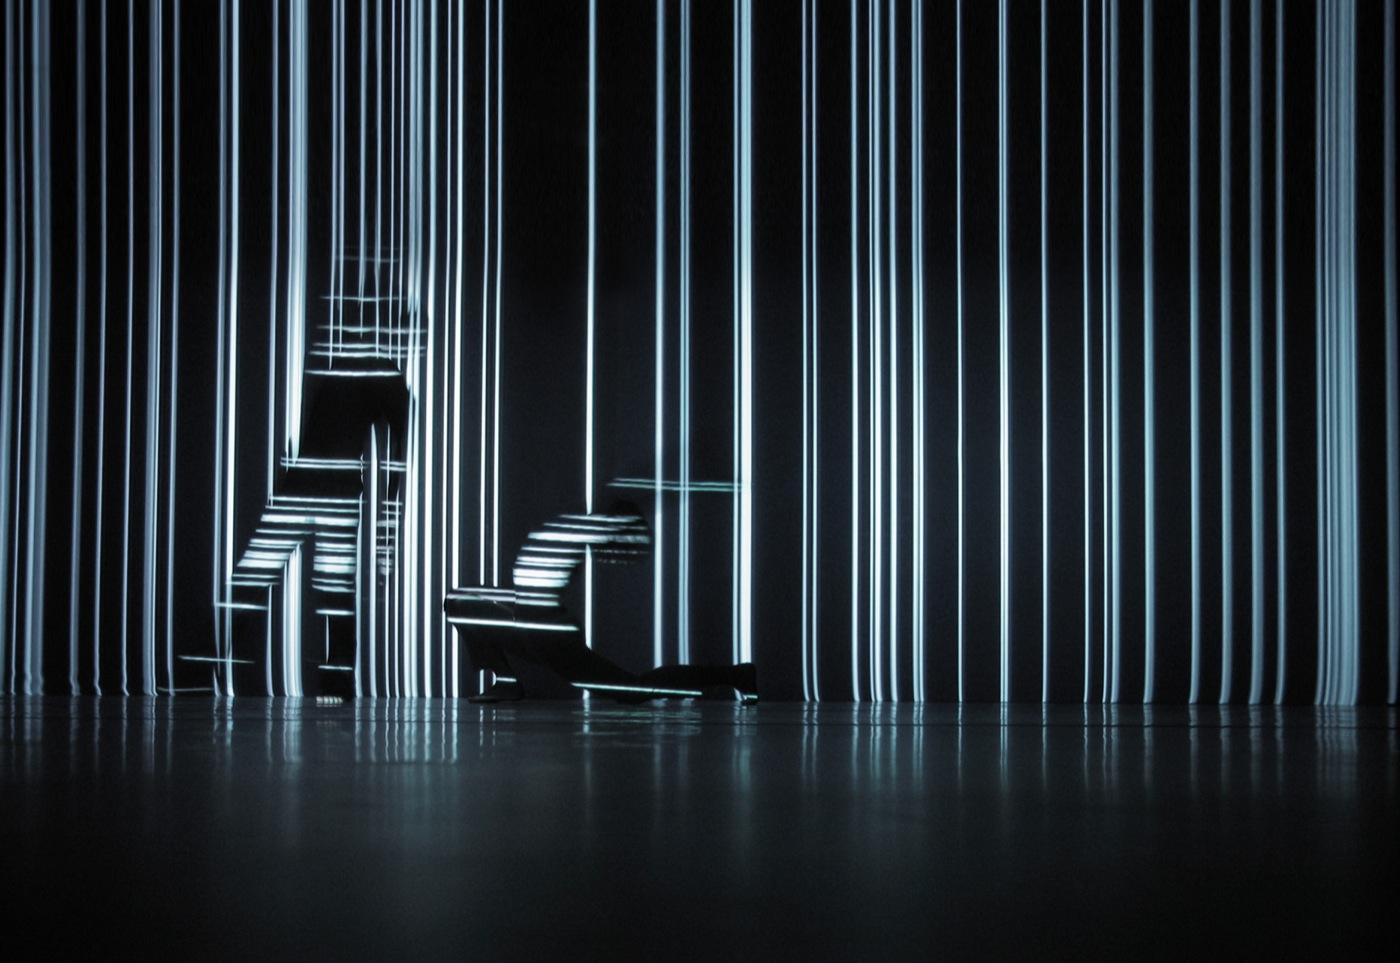 Interactive Wallpaper Iphone X Light Design Creativeapplications Net